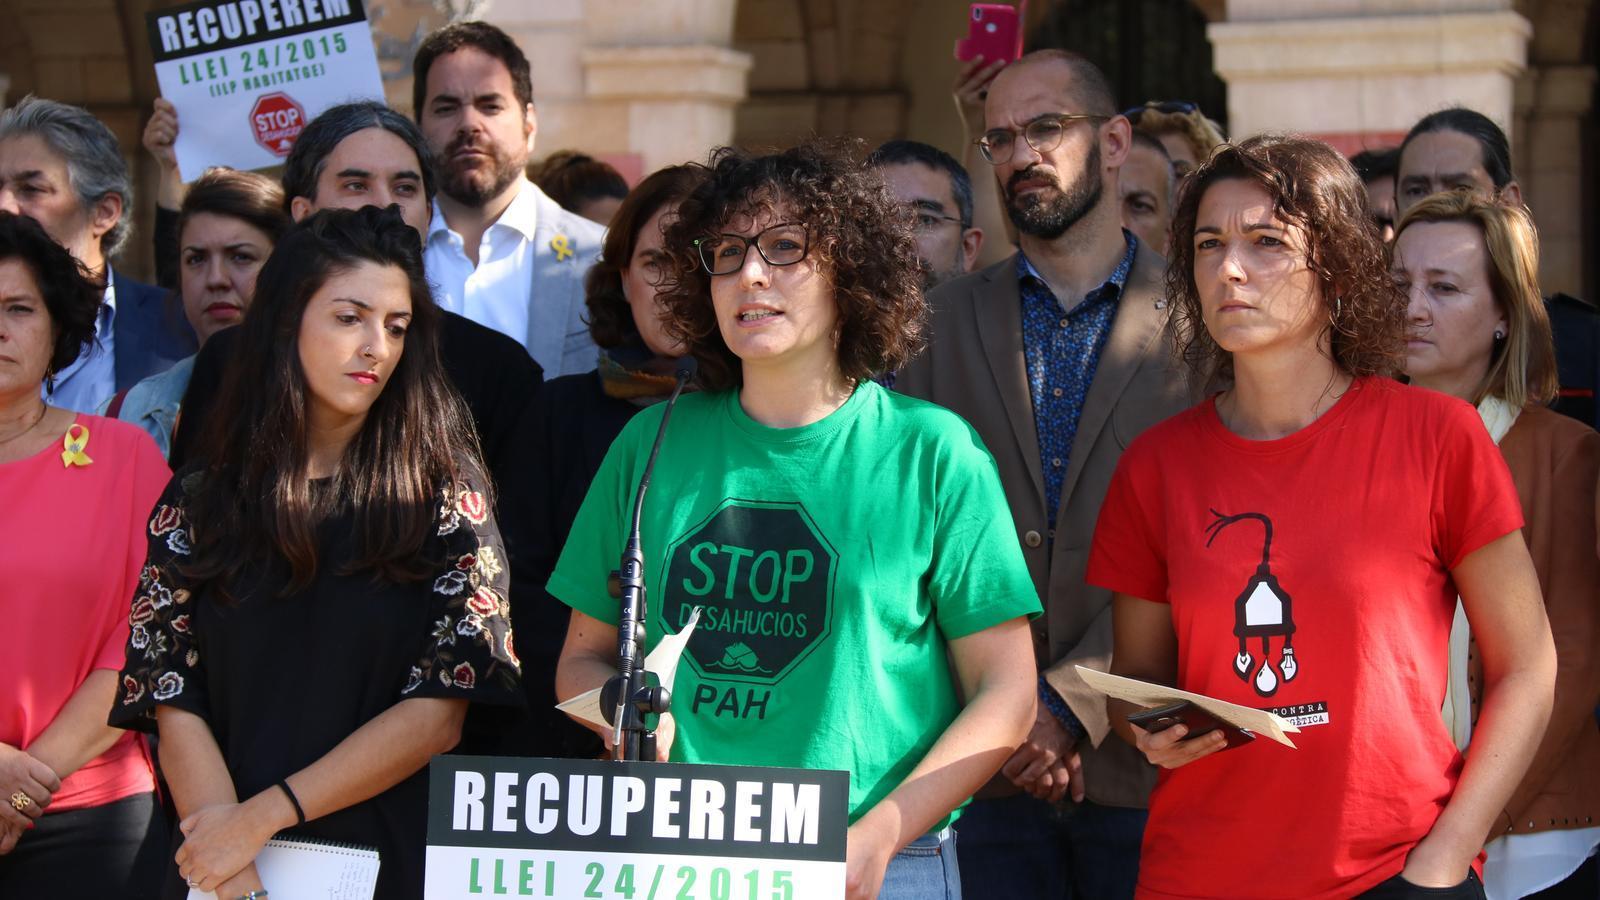 La portaveu de la Plataforma d'Afectats per la Hipoteca, Lucía Delgado, durant l'acte d'aquest matí a l'entrada del Parlament de Catalunya